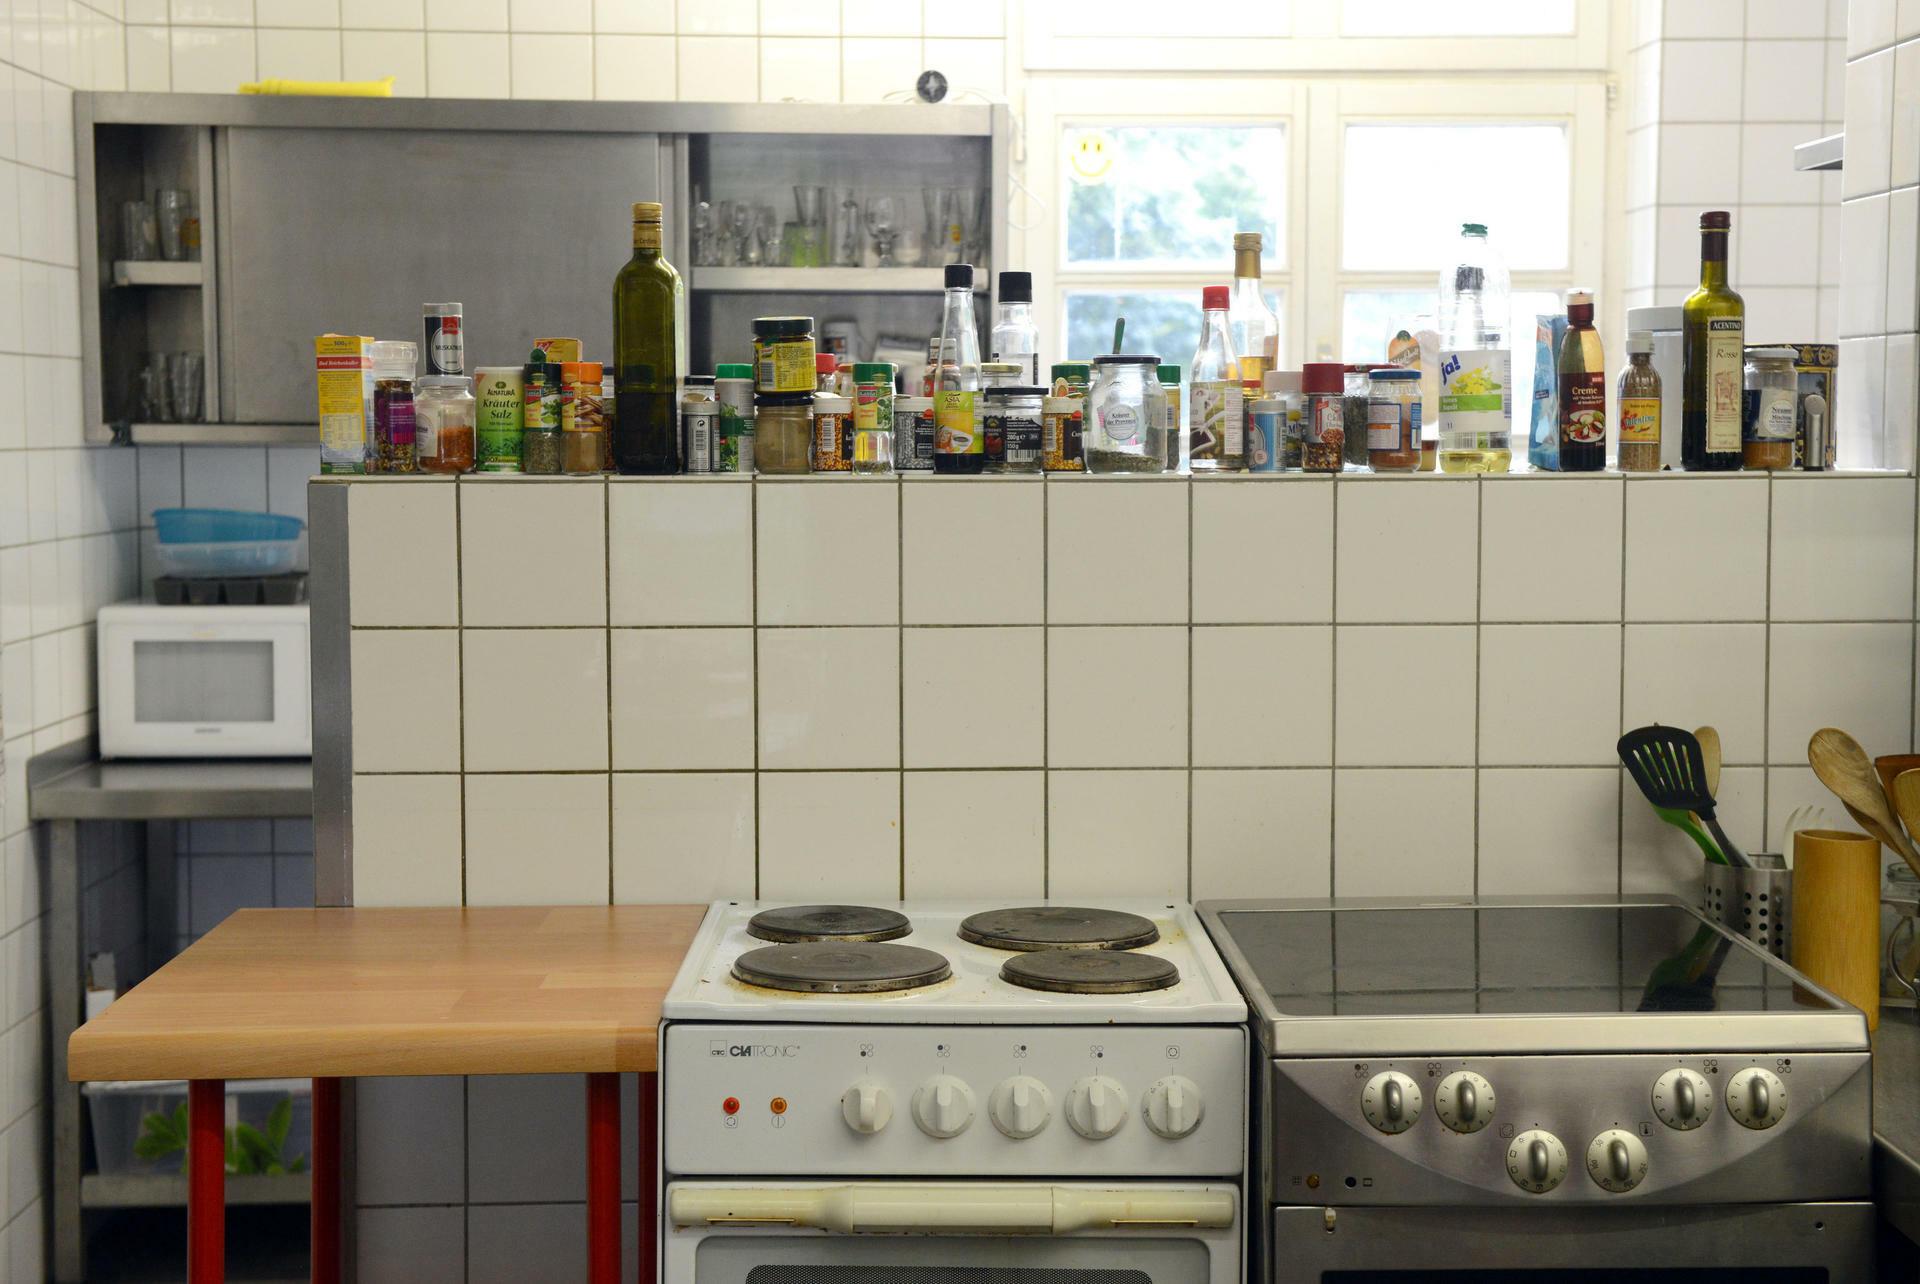 Expertenrat: Gewährleistung beim Küchenkauf